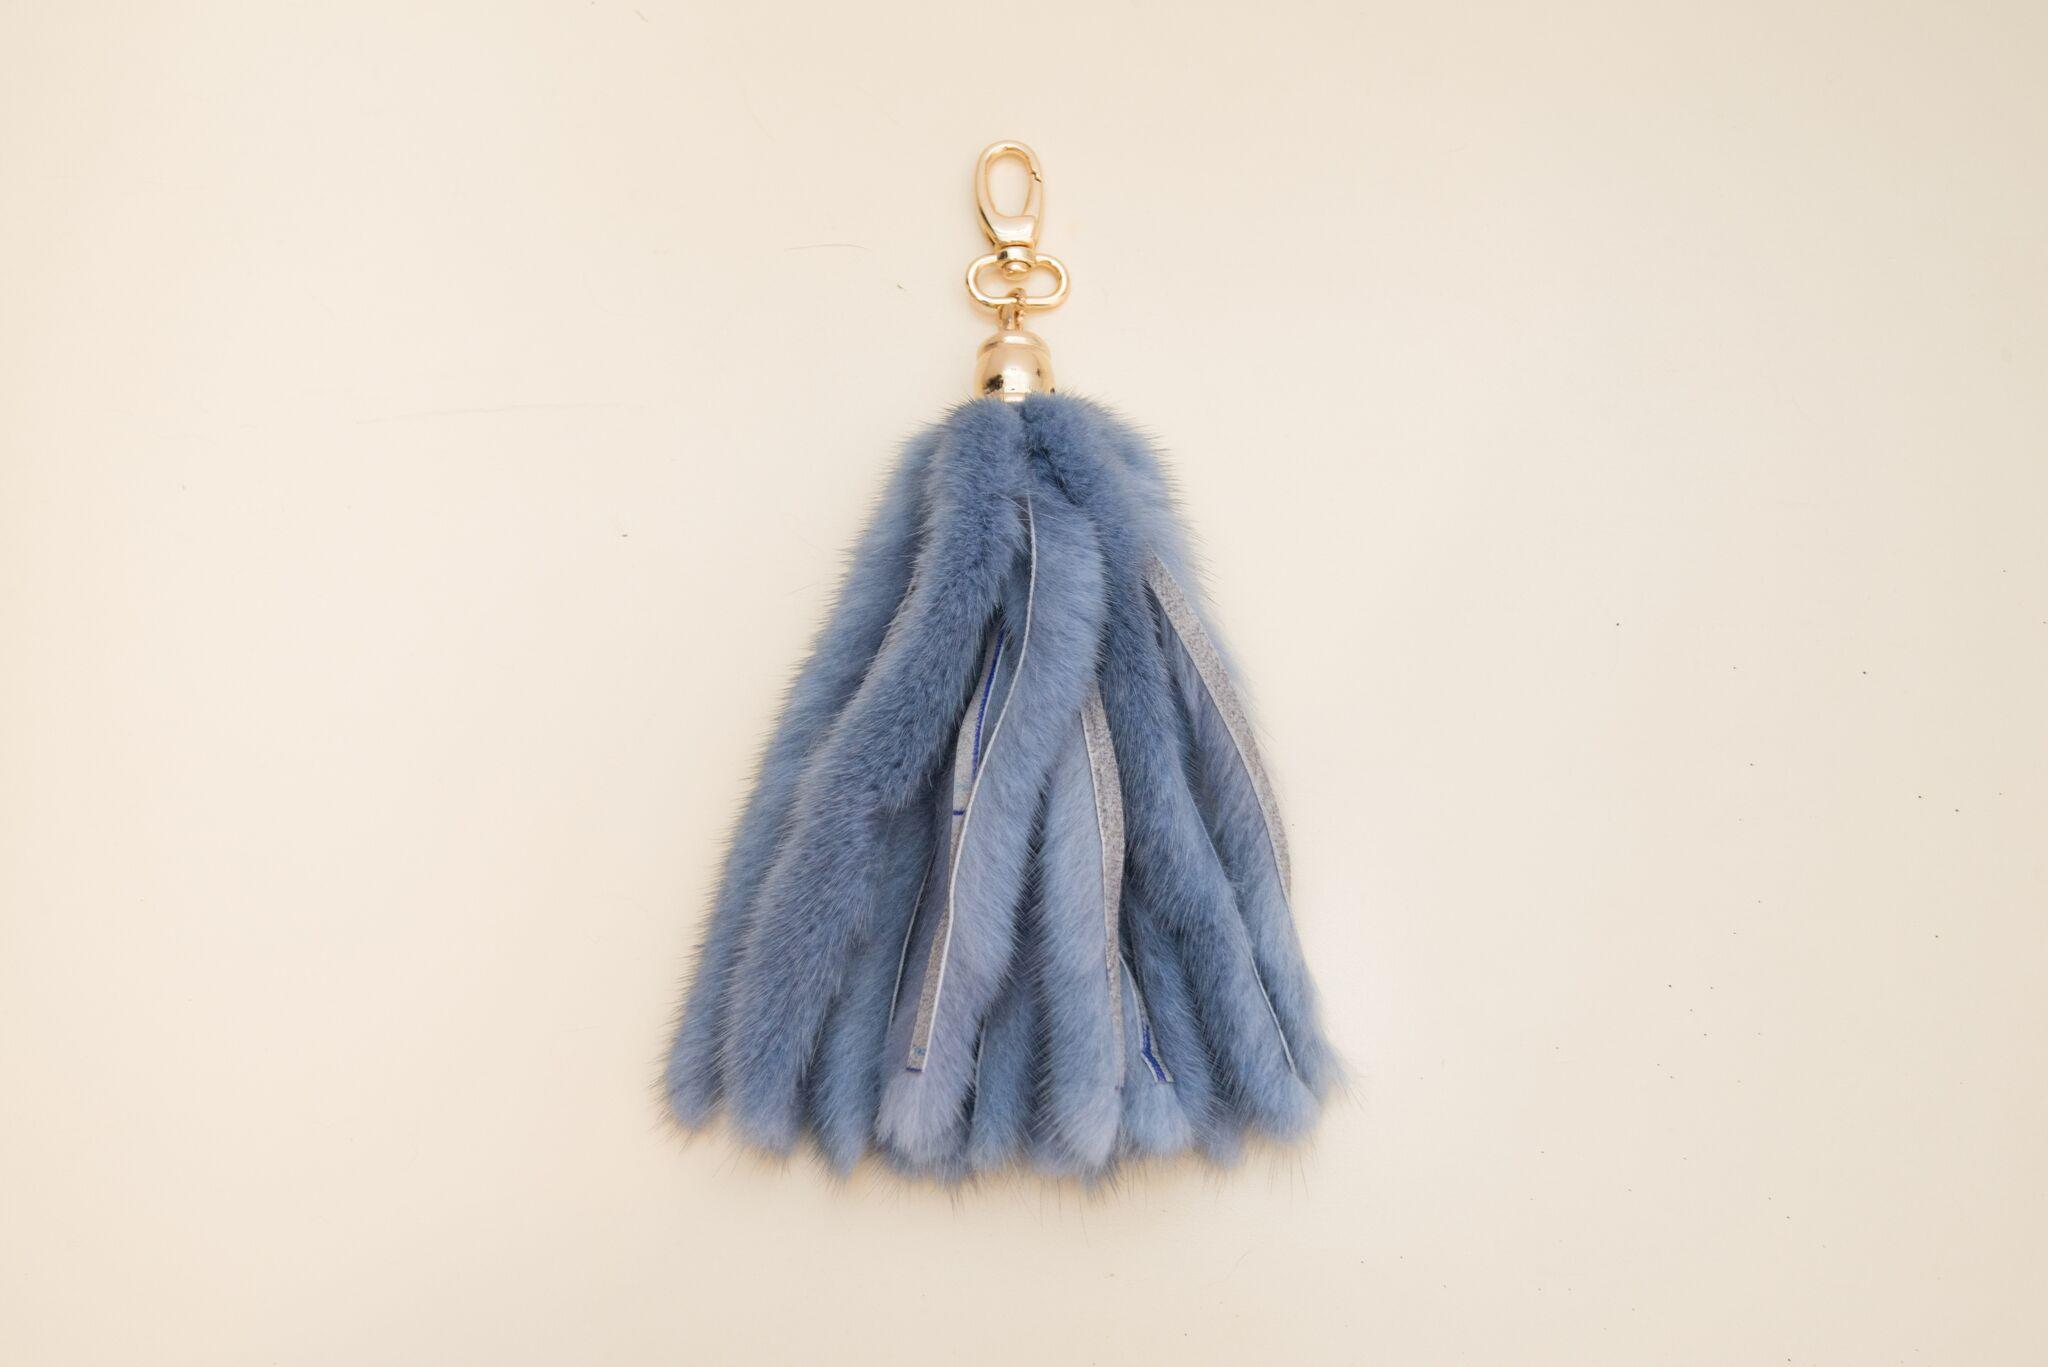 blue tasselled mink keychain